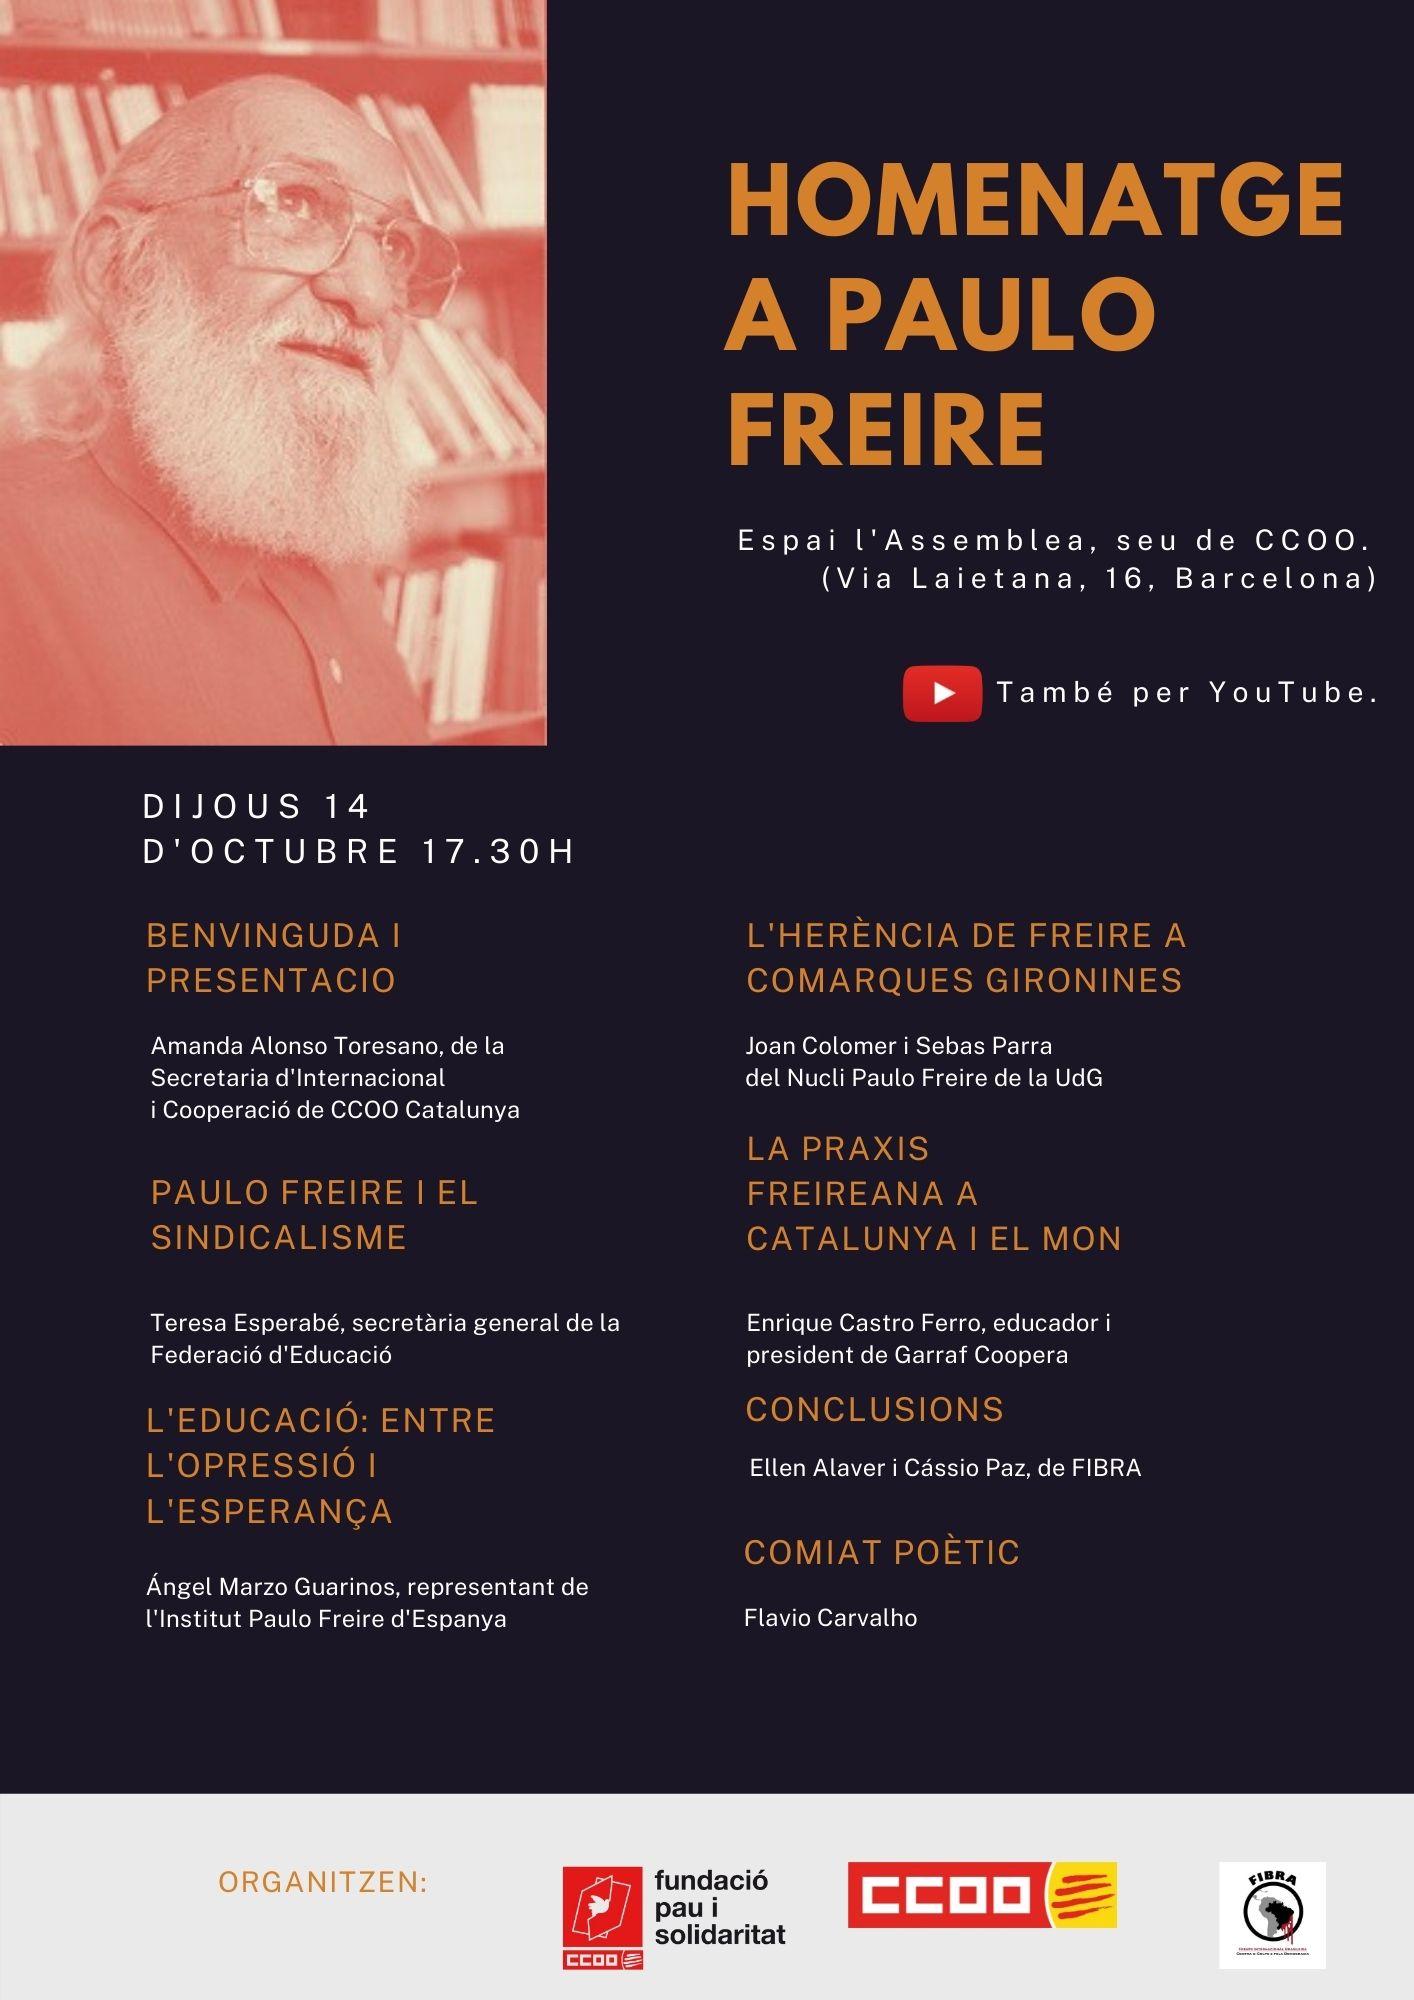 Cartell de l'acte d'homenatge a Paulo Freire